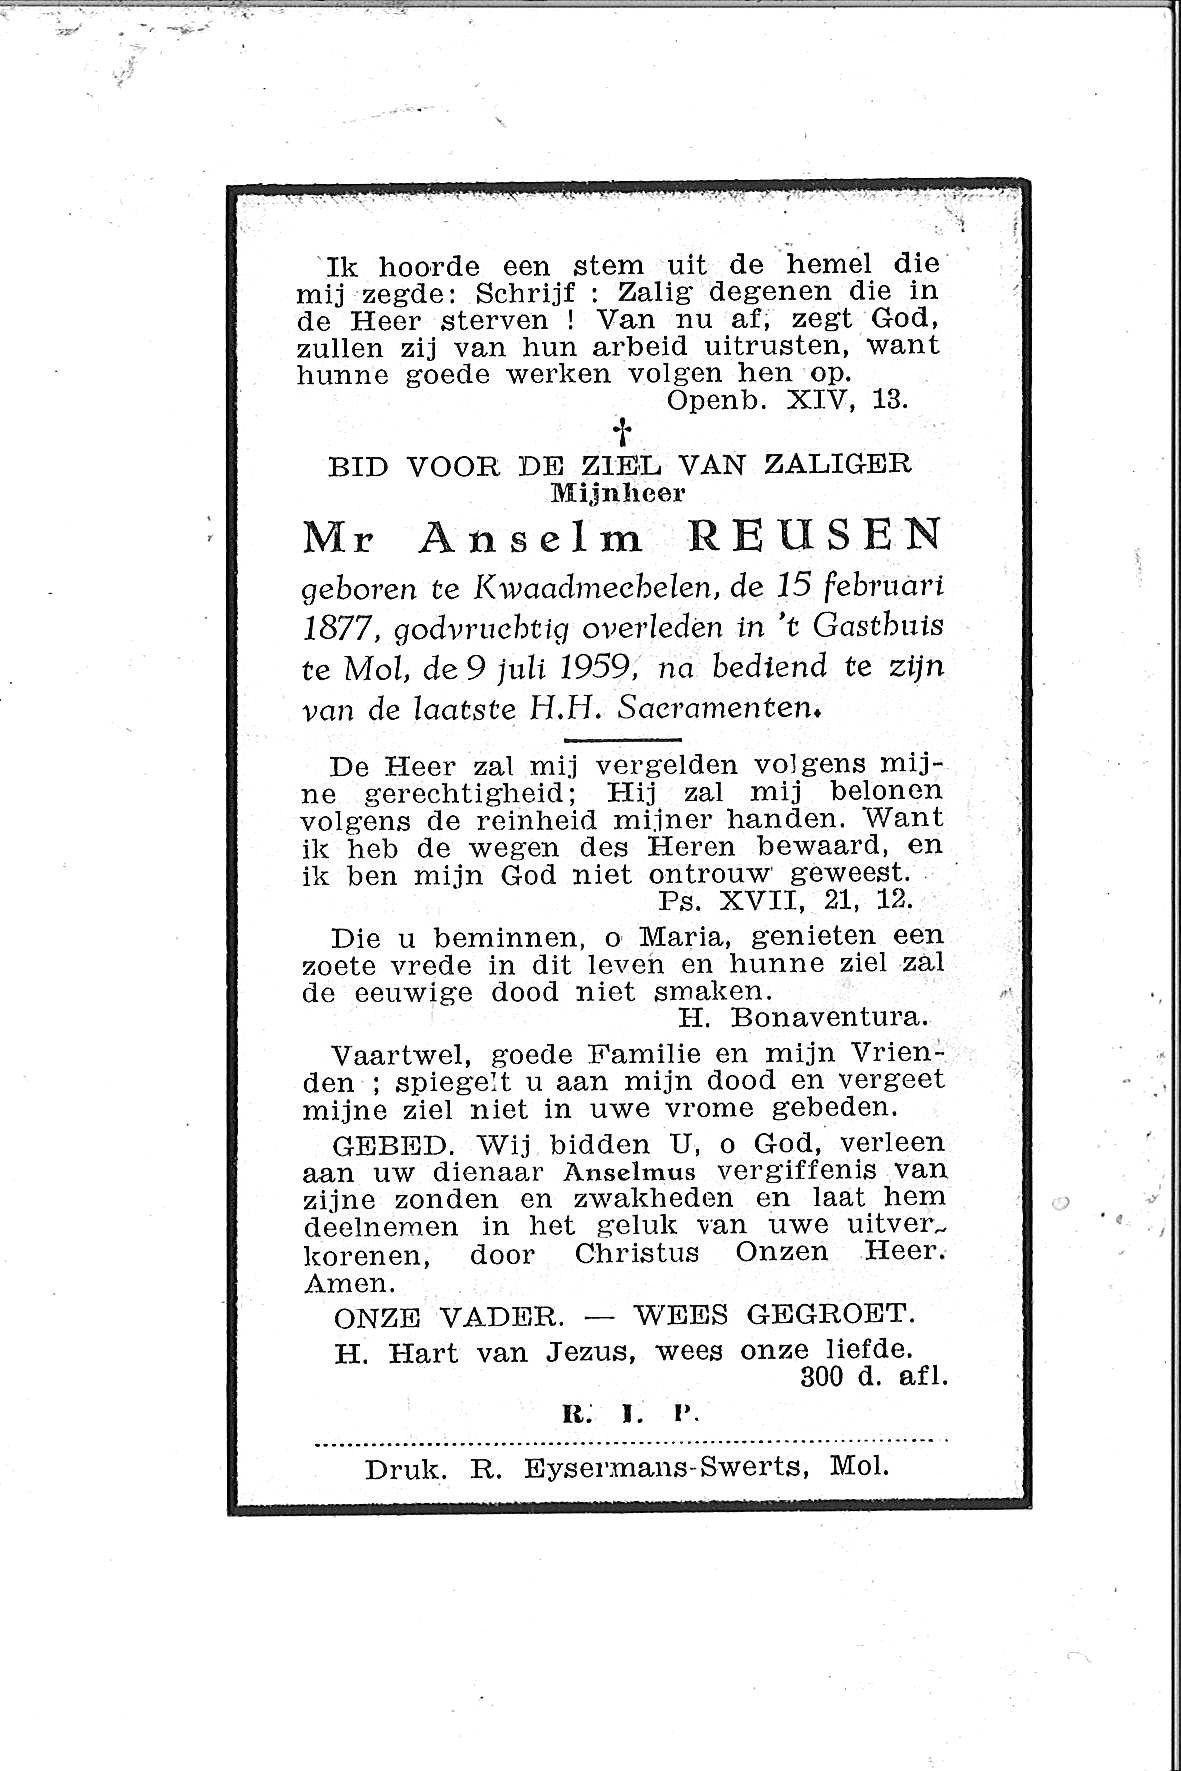 Anselm(1959)20141031113236_00045.jpg